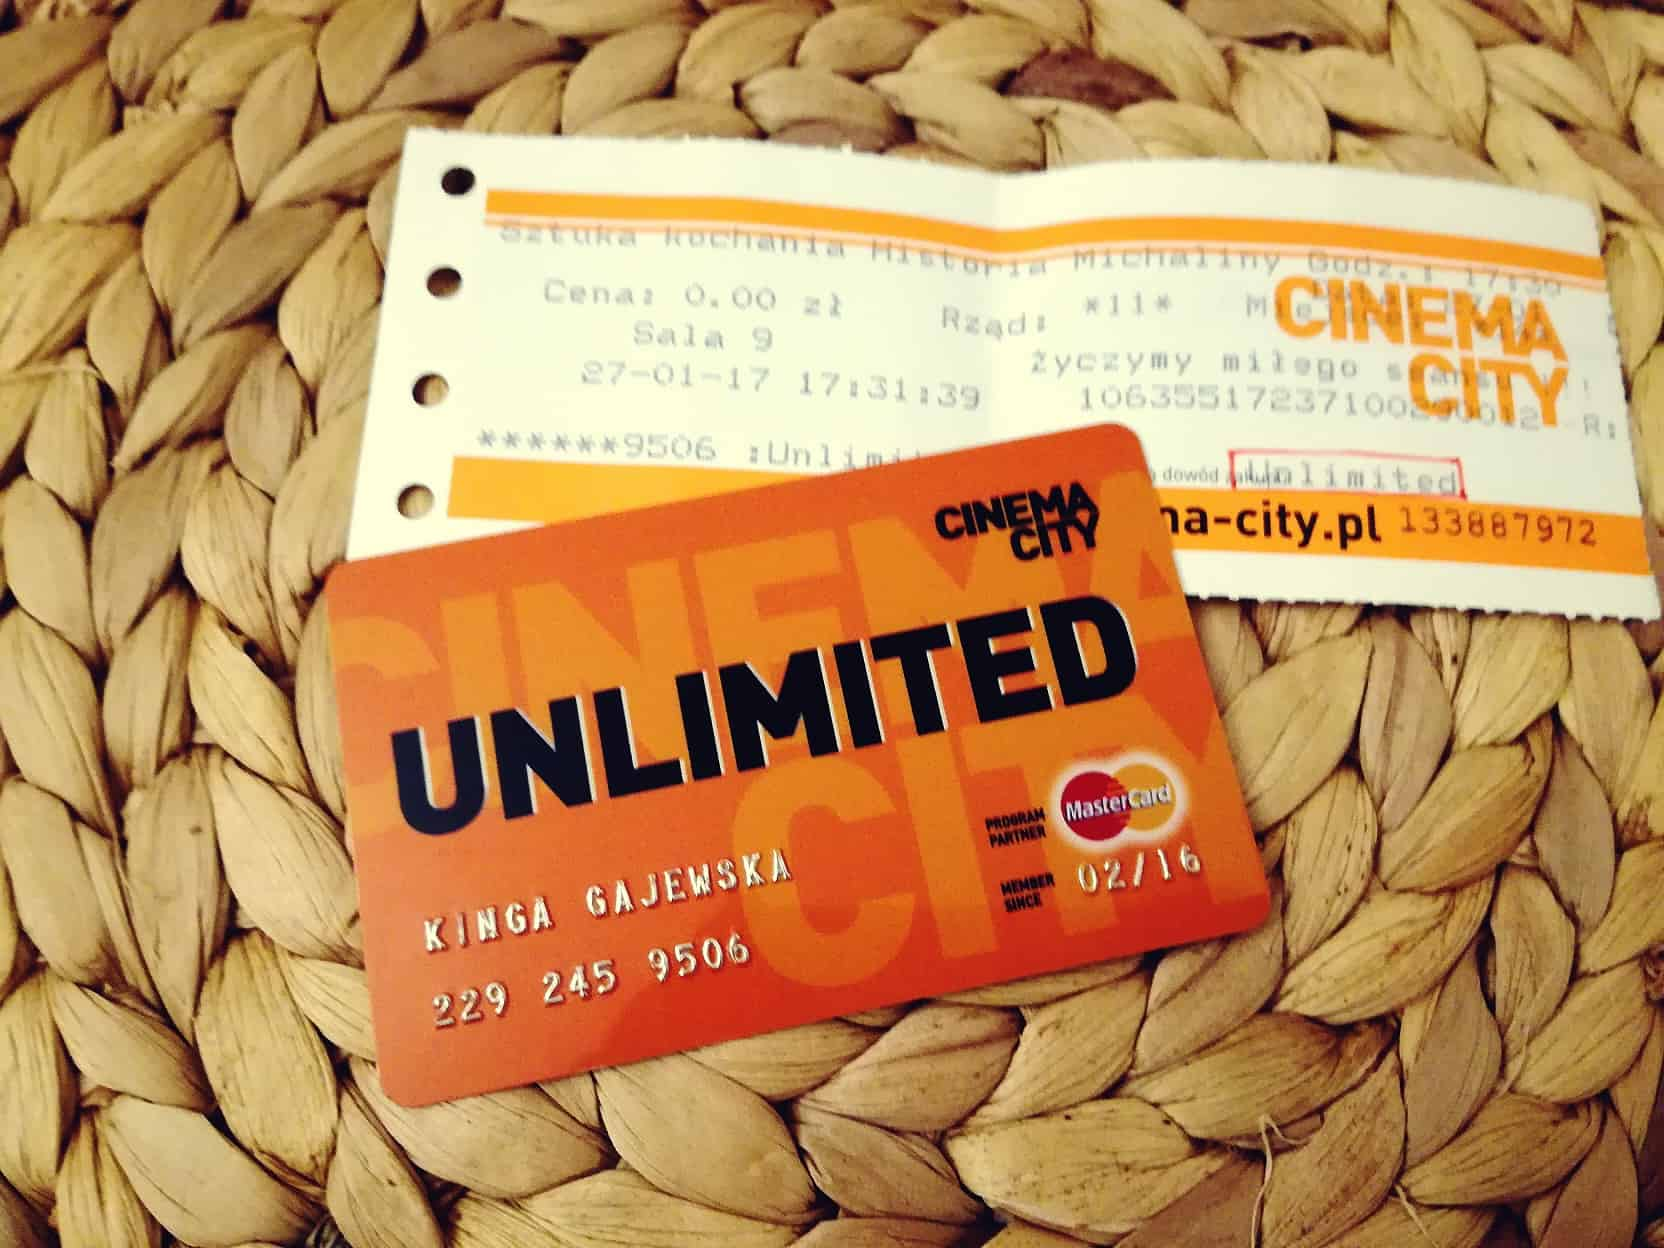 Czy warto zostać kinomaniakiem z kartą Cinema City Unlimited?